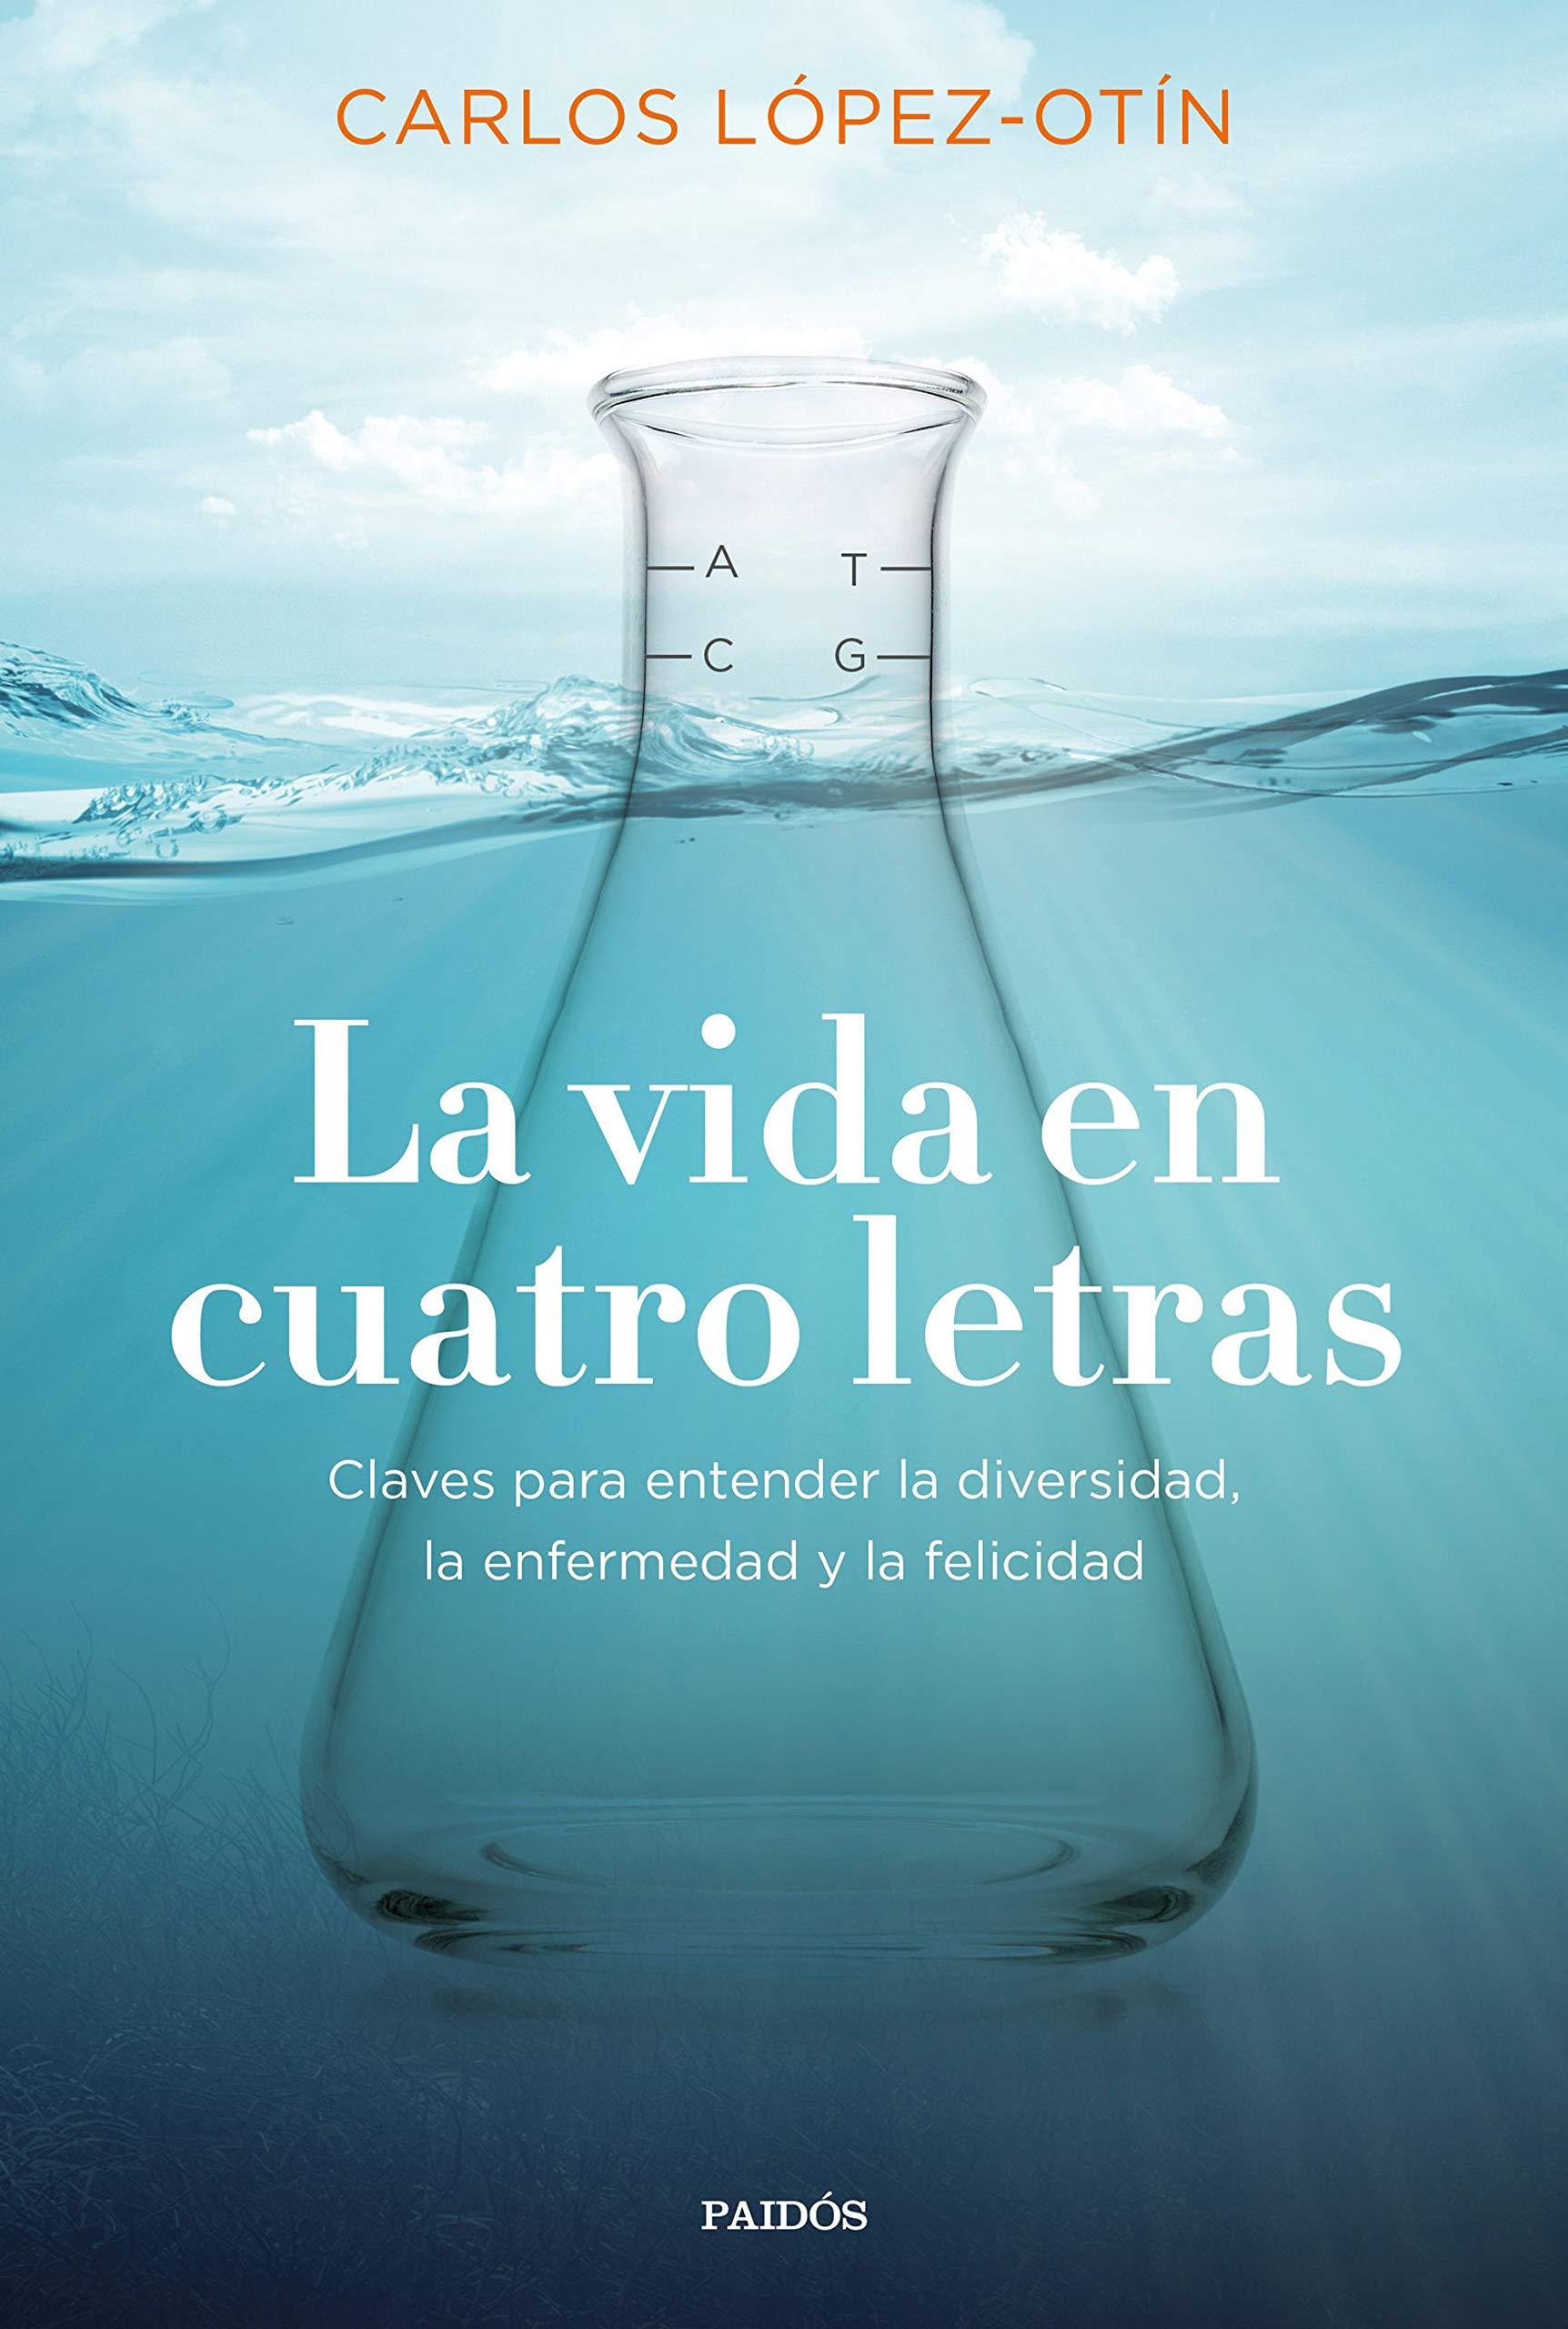 La vida en cuatro letras: Claves para entender la diversidad, la enfermedad y la felicidad por Carlos López Otín